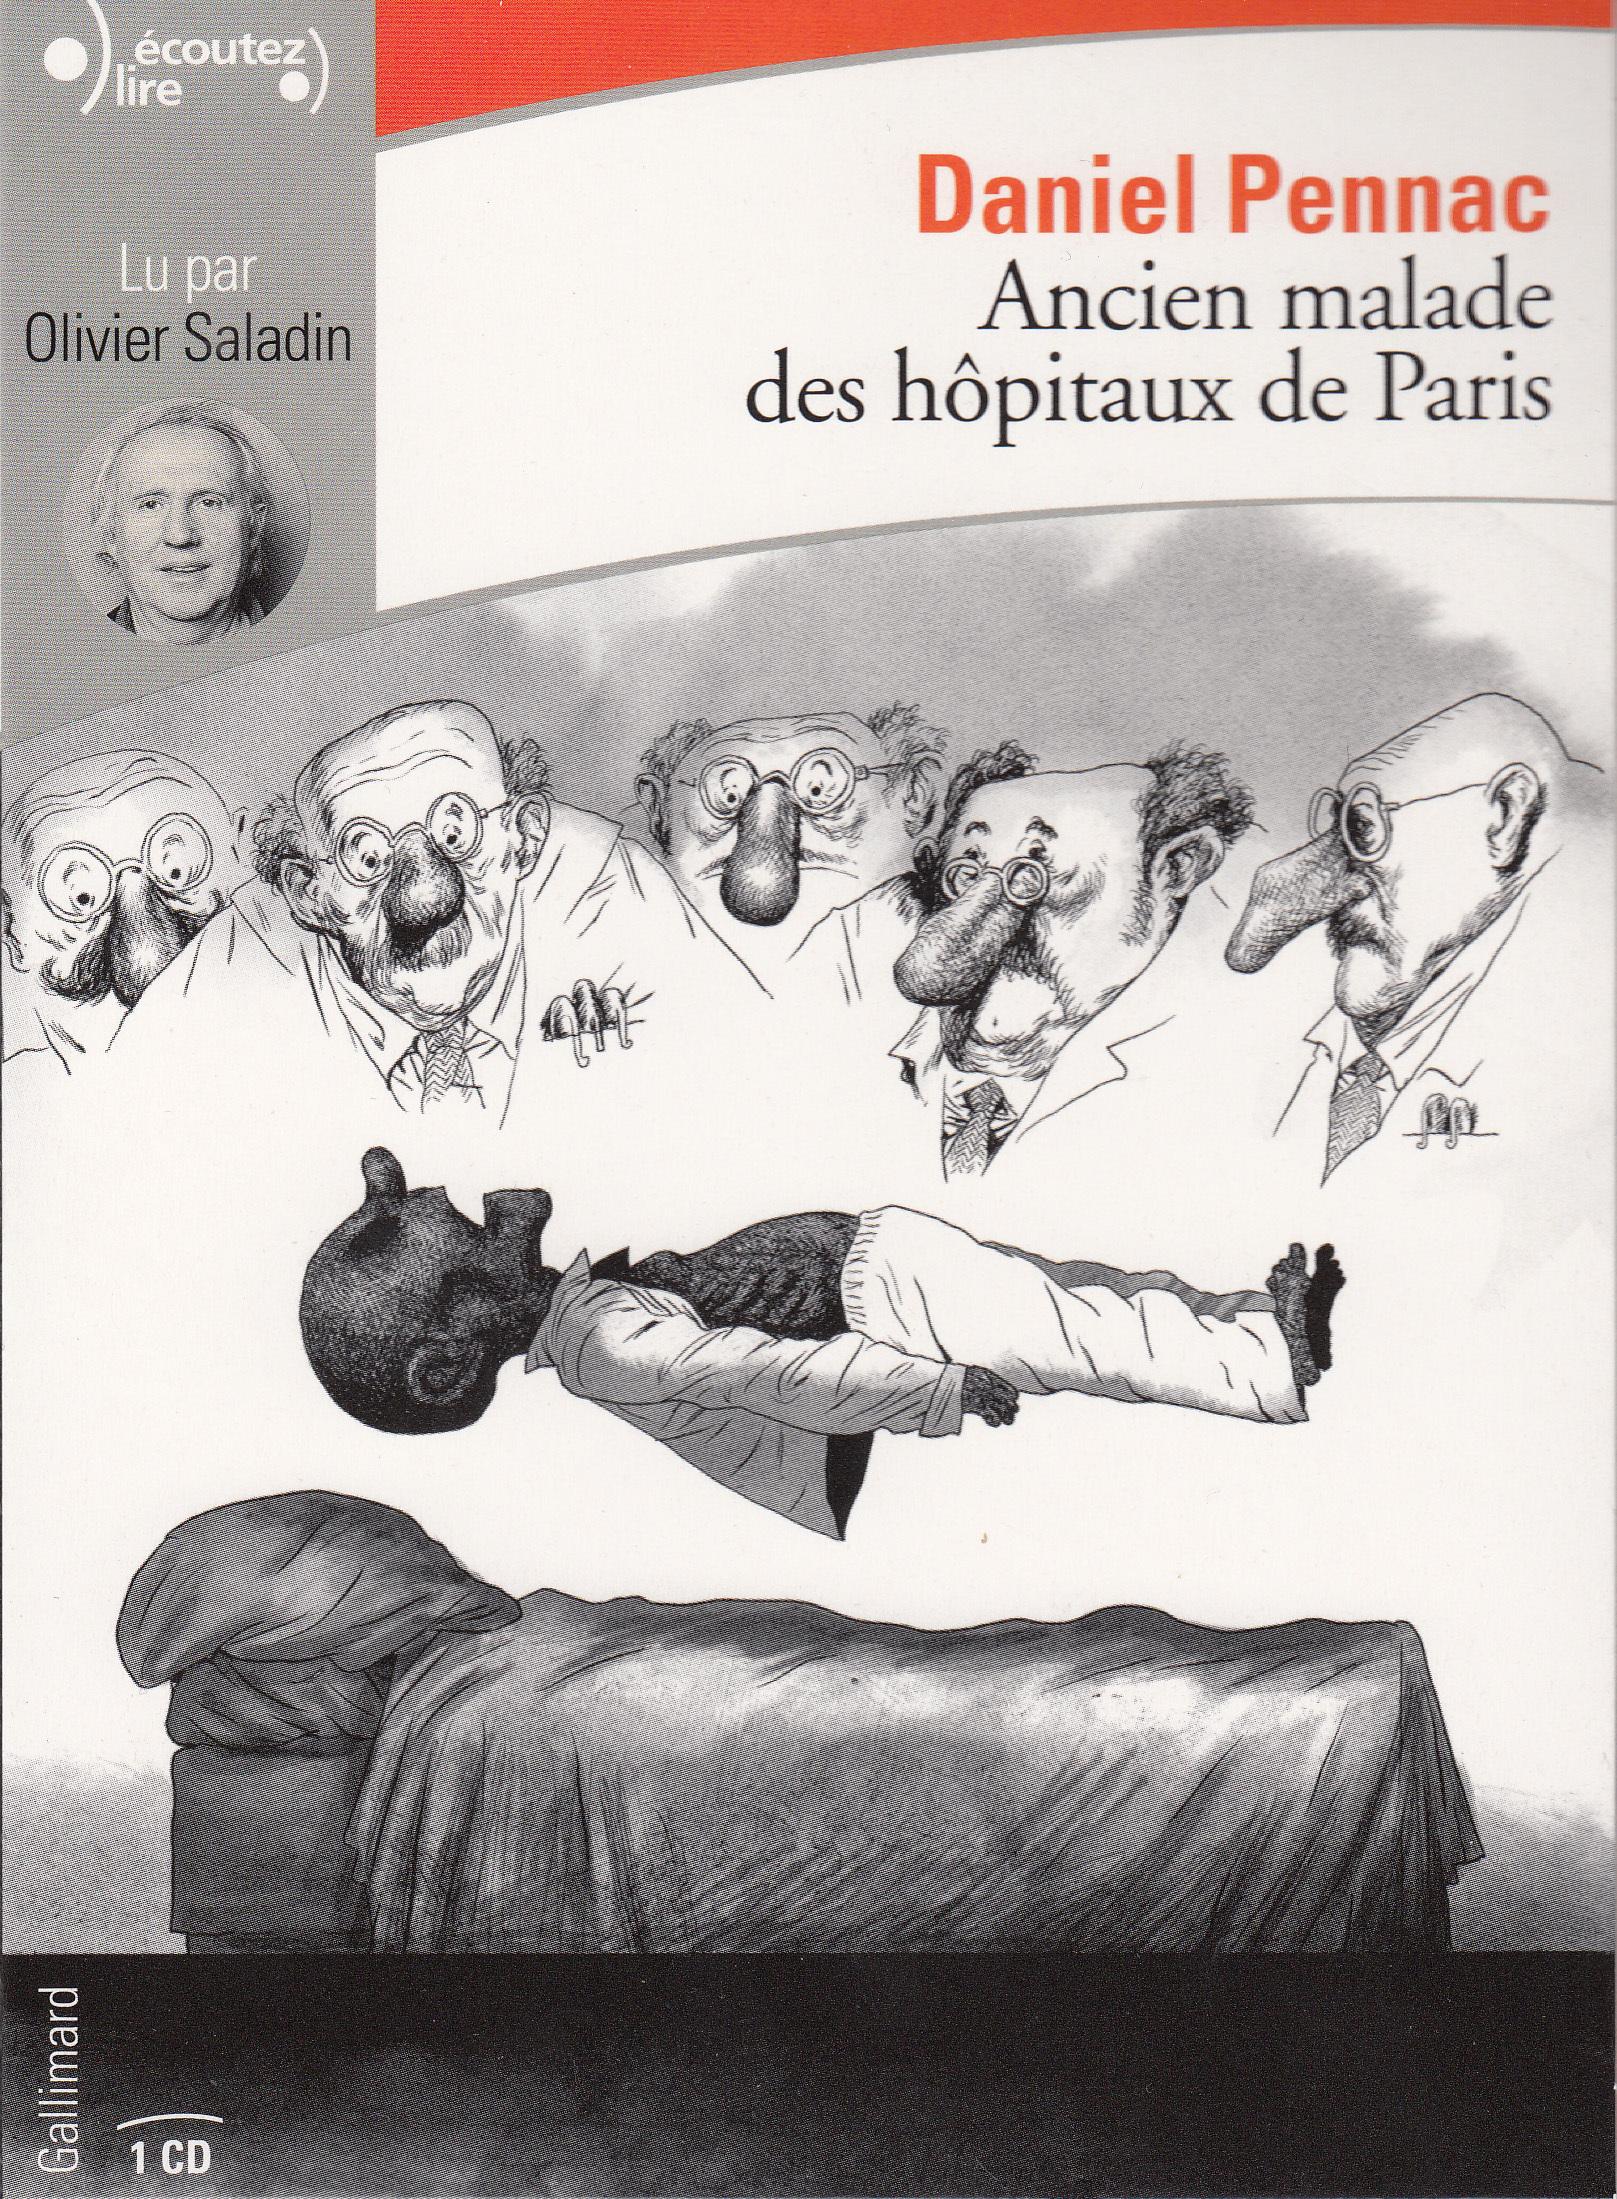 ANCIEN MALADE DES HOPITAUX DE PARIS CD